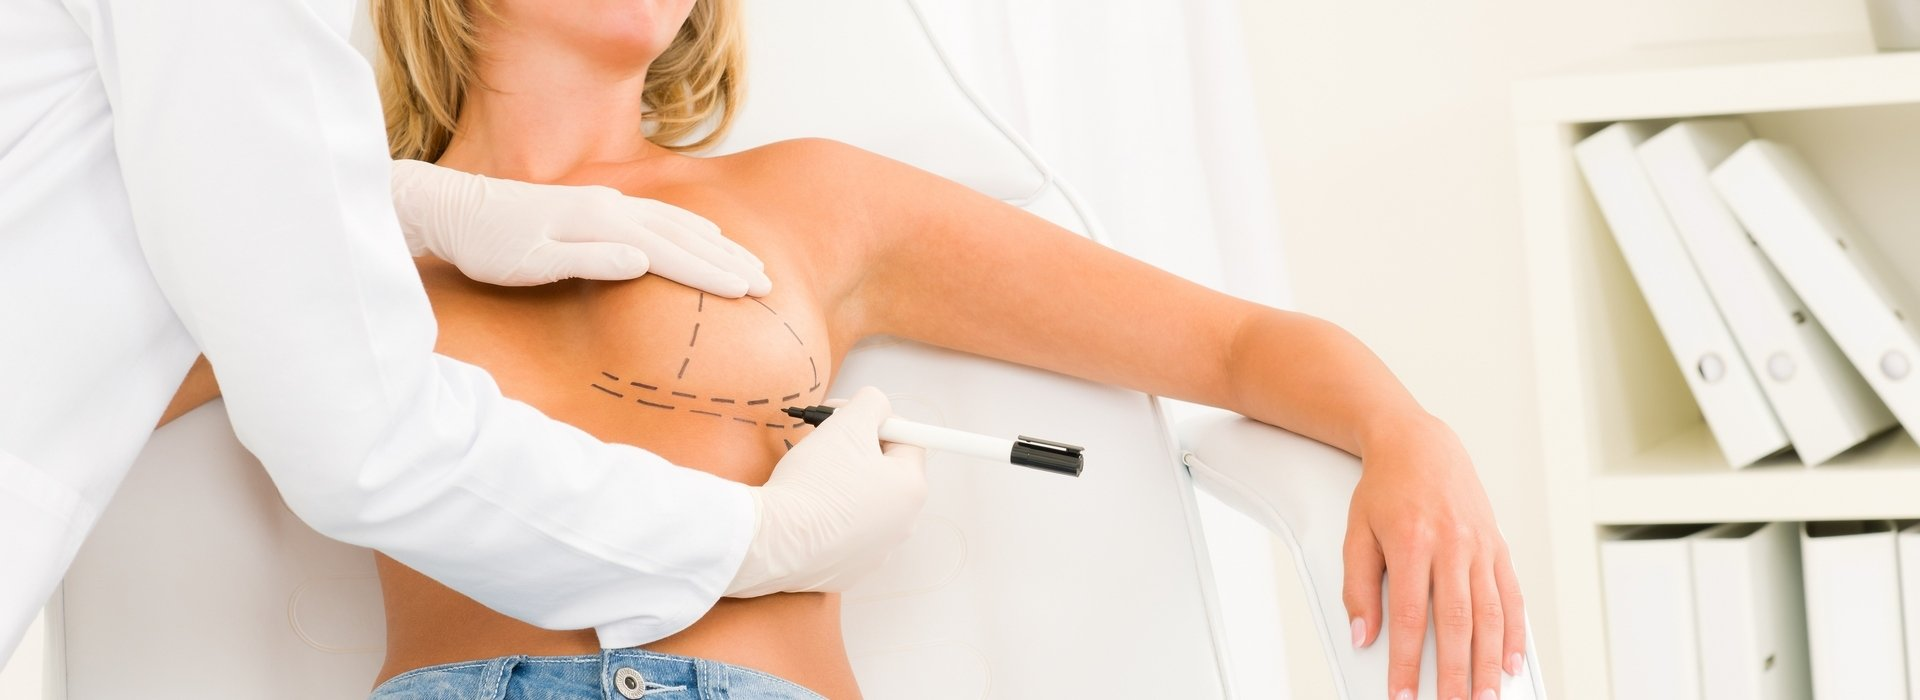 Brustvergrößerung in Budapest – Günstige Brustplastik Budapest